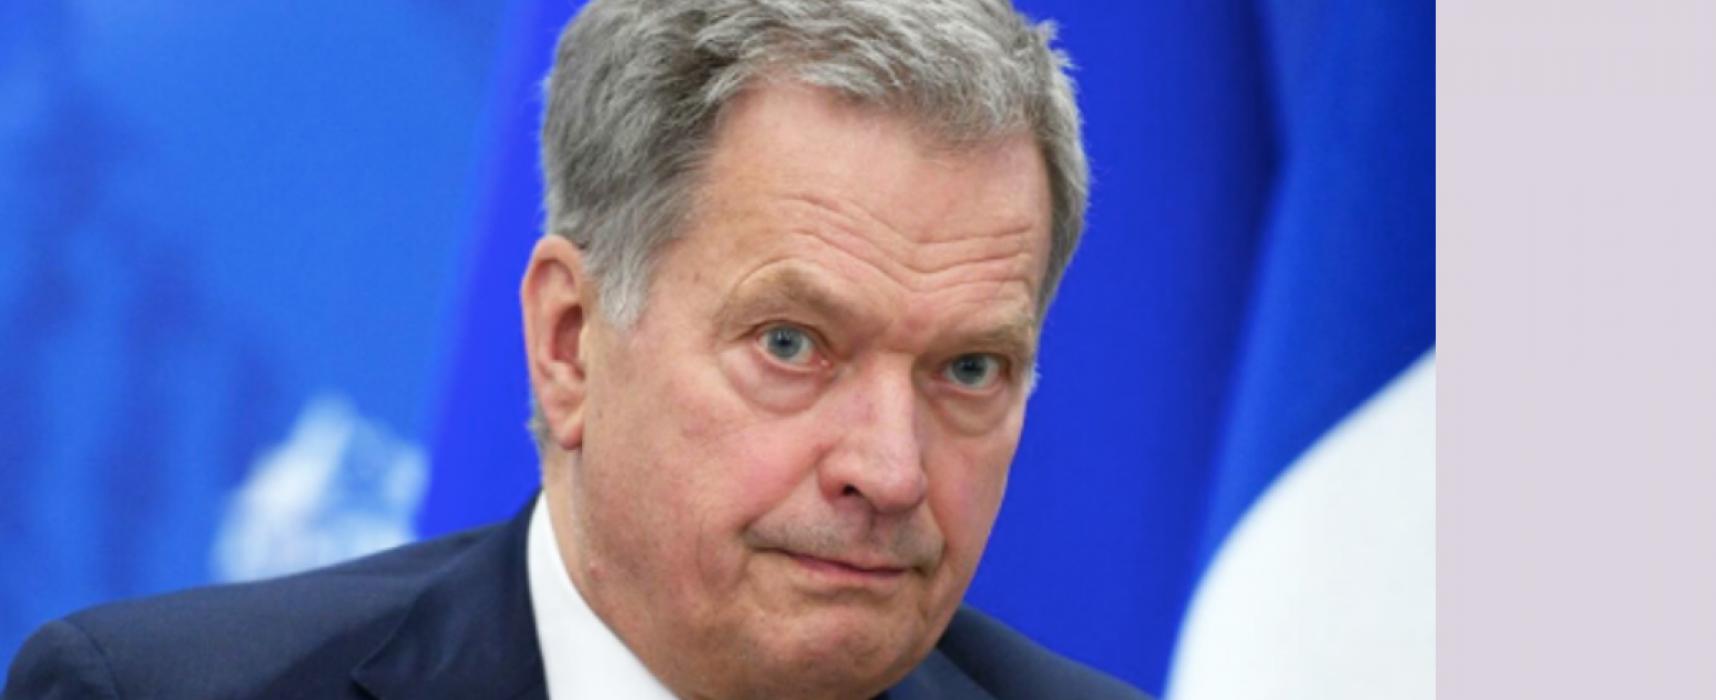 Фейк: Фінляндія виступила проти антиросійських санкцій